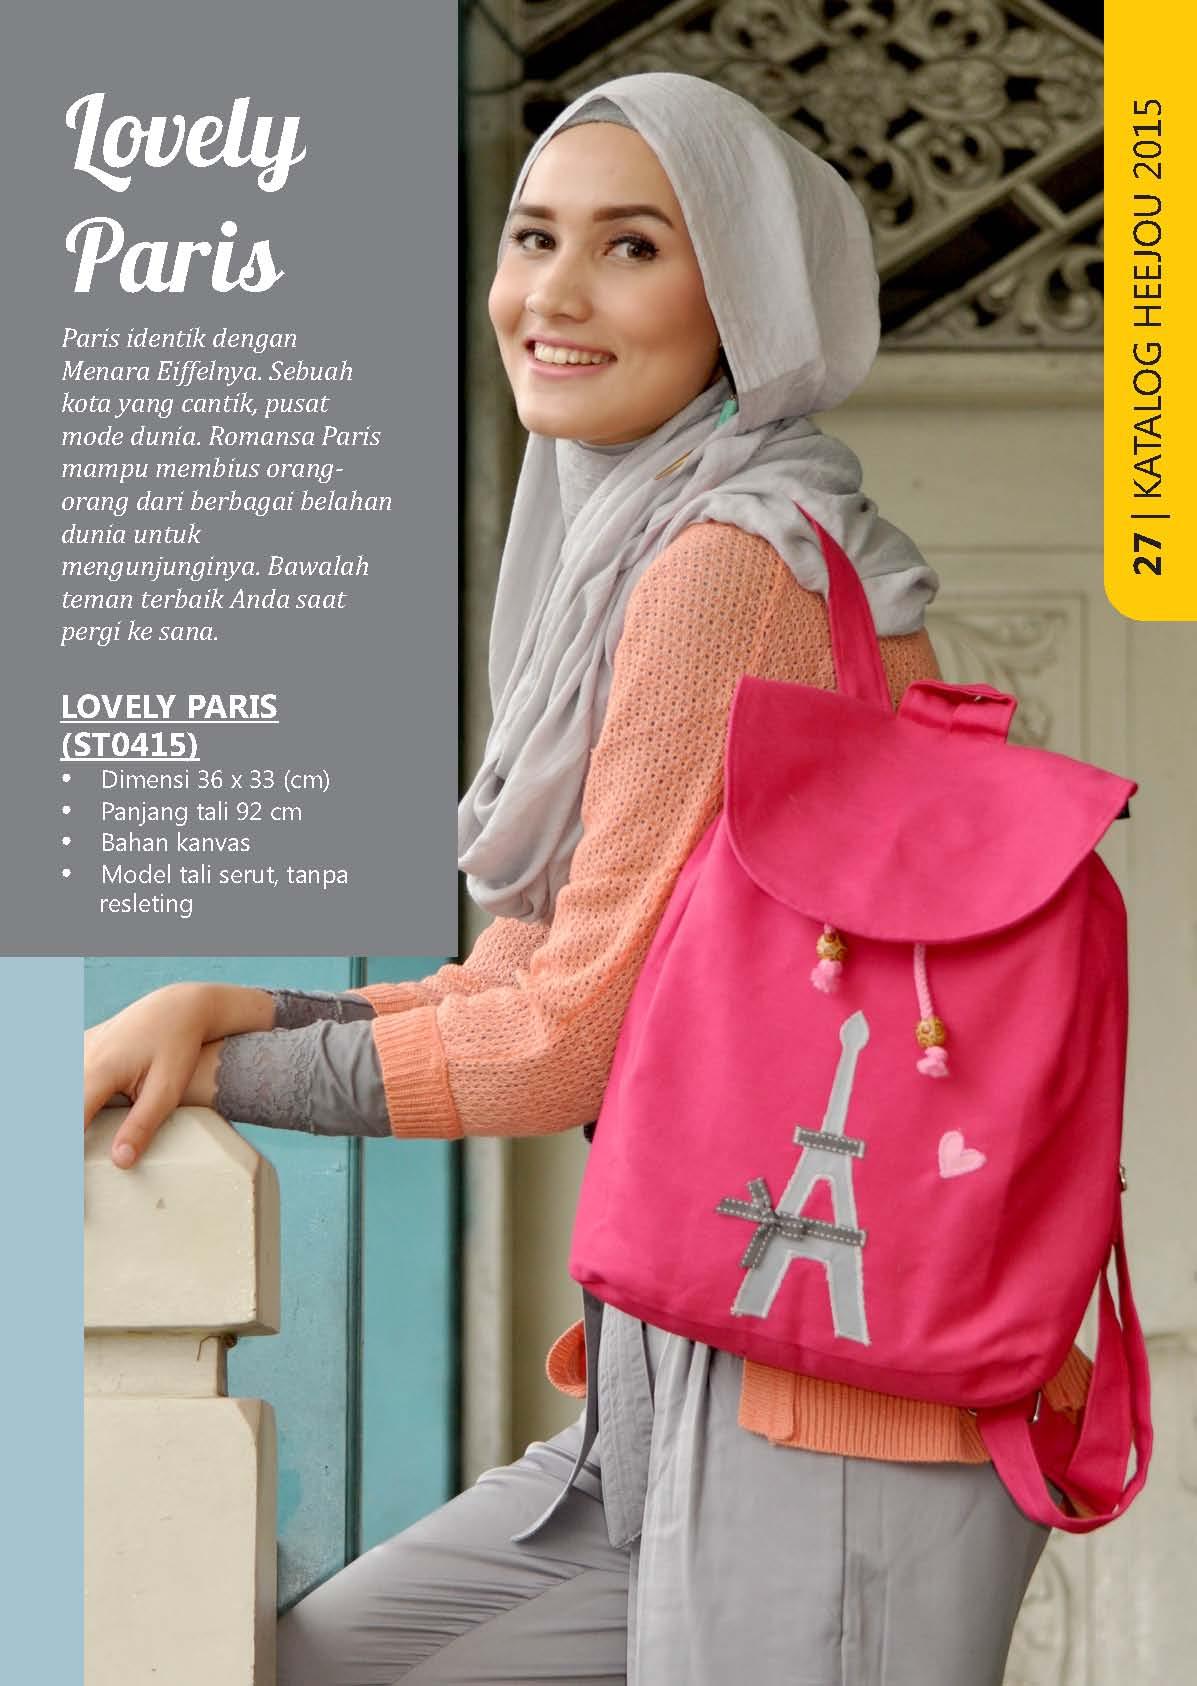 Jual Tas Ransel Heejou Lovely Paris - Rumah Tas Etnik  37cc551002